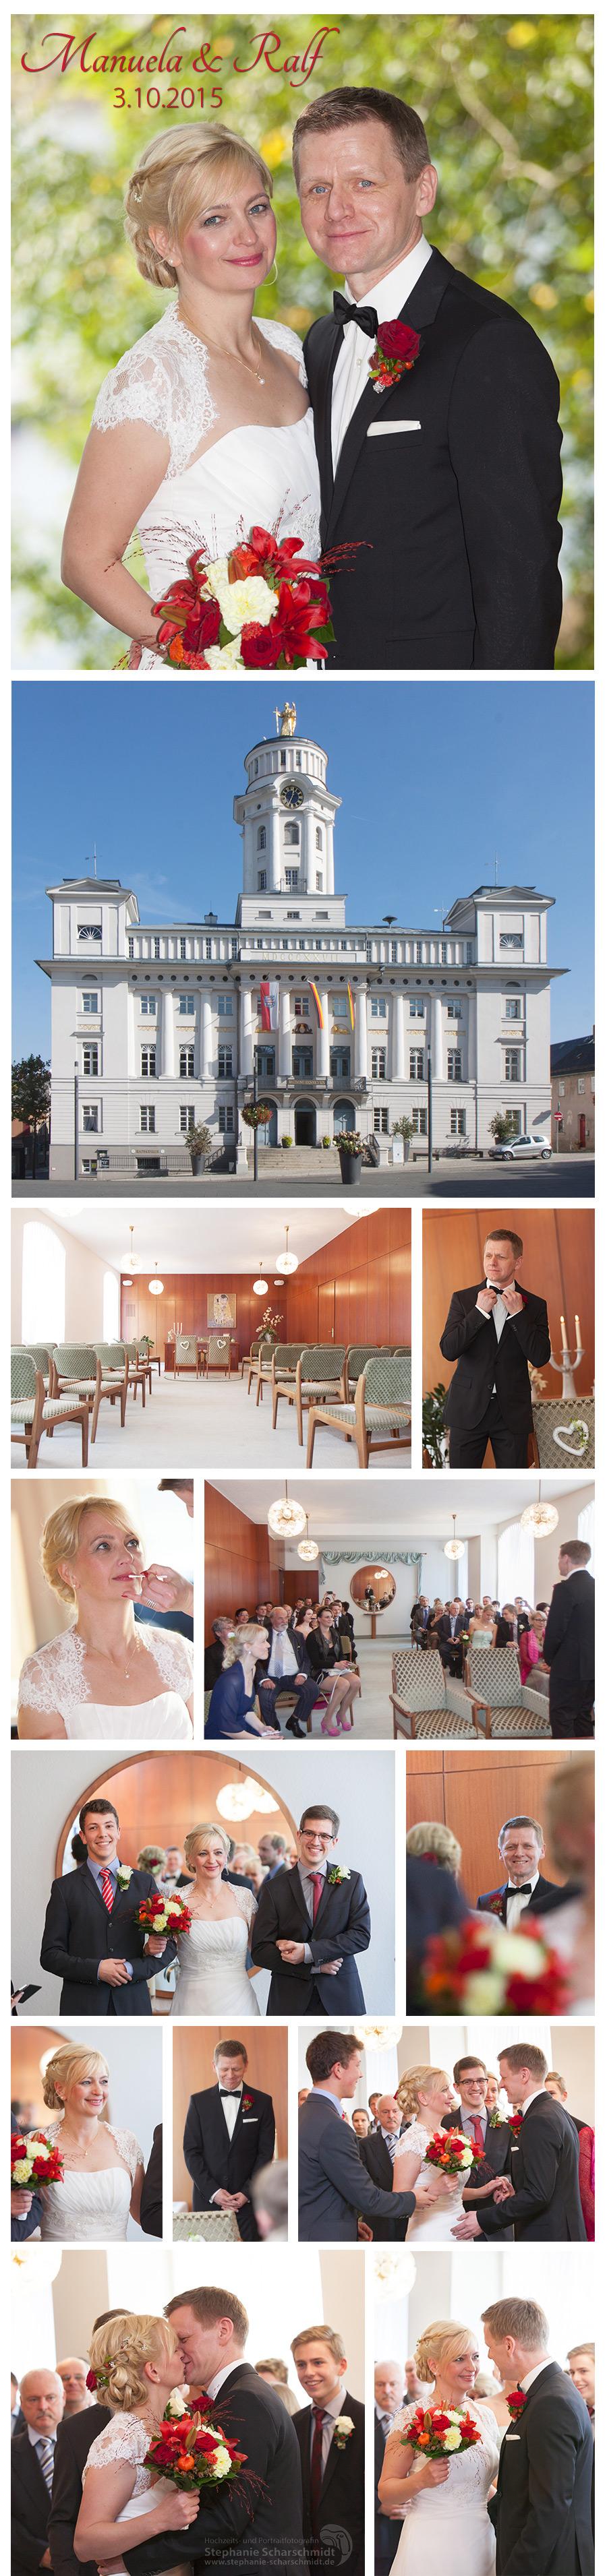 1. exklusive Herbsthochzeit im Bio-Seehotel Zeulenroda - Hochzeits- und Portraitfotografin Stephanie Scharschmidt – Hochzeitsfotograf Bio-Seehotel Zeulenroda